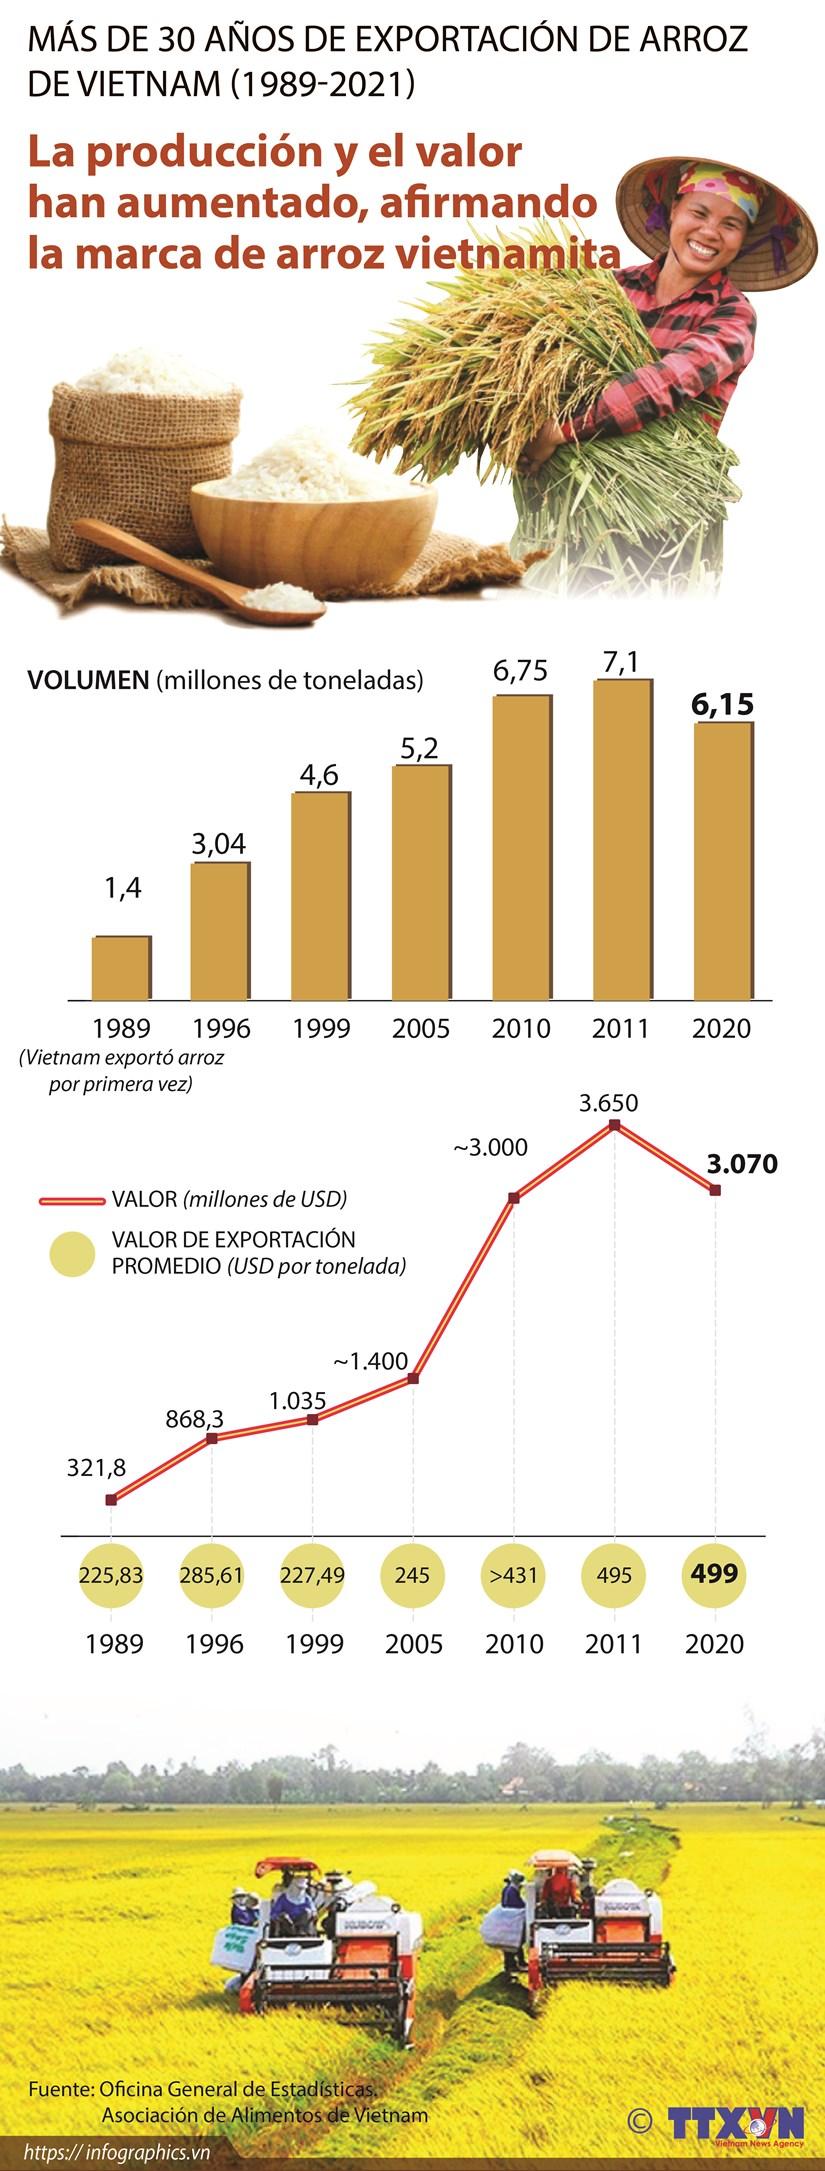 Mas de 30 anos de exportacion de arroz de Vietnam (1989-2021) hinh anh 1